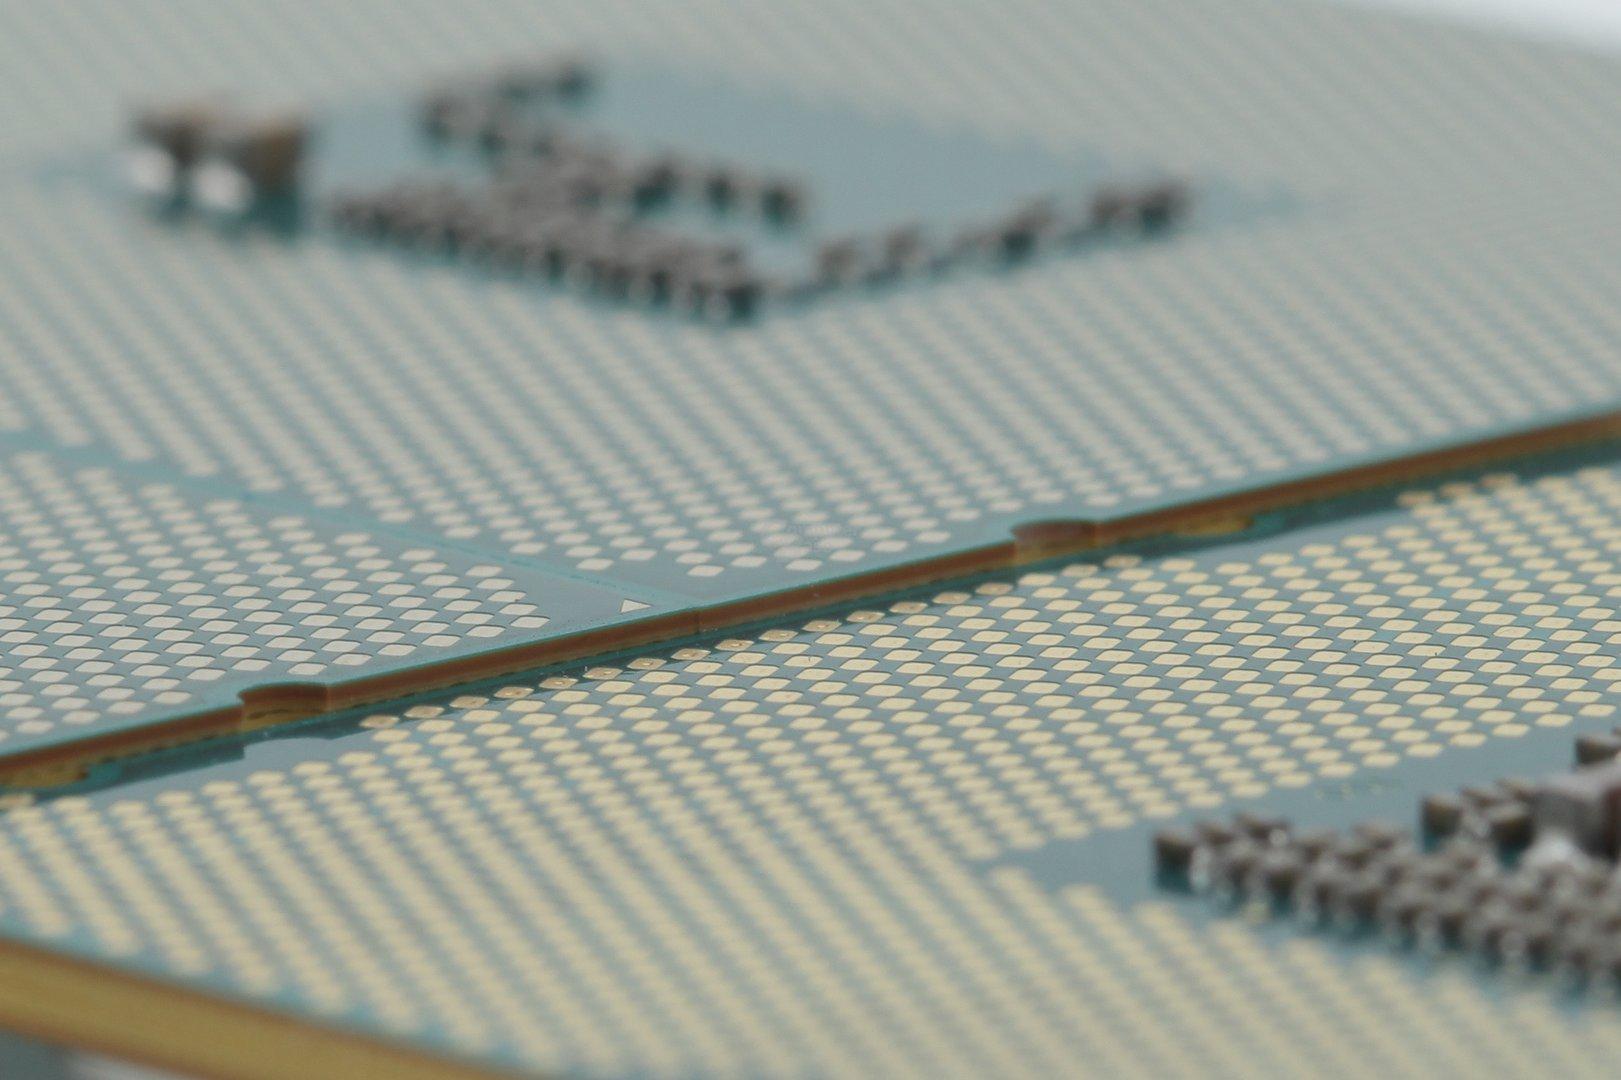 Der Heatspreader von Haswell-E (hinten) ist gut 0,5 mm höher als bei Ivy Bridge-E